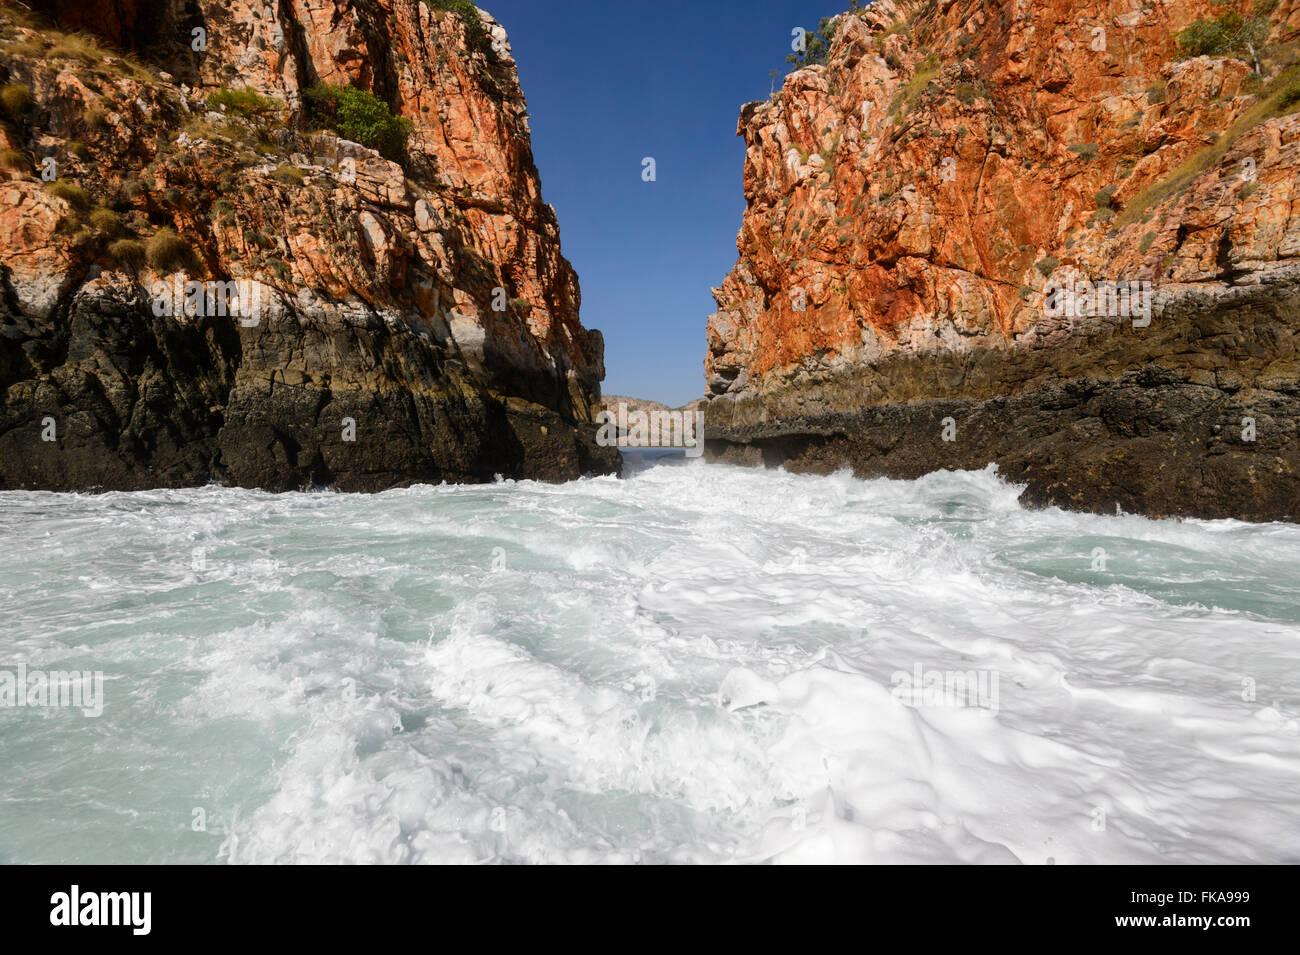 Cae horizontal, la región de Kimberley, en Australia Occidental Imagen De Stock